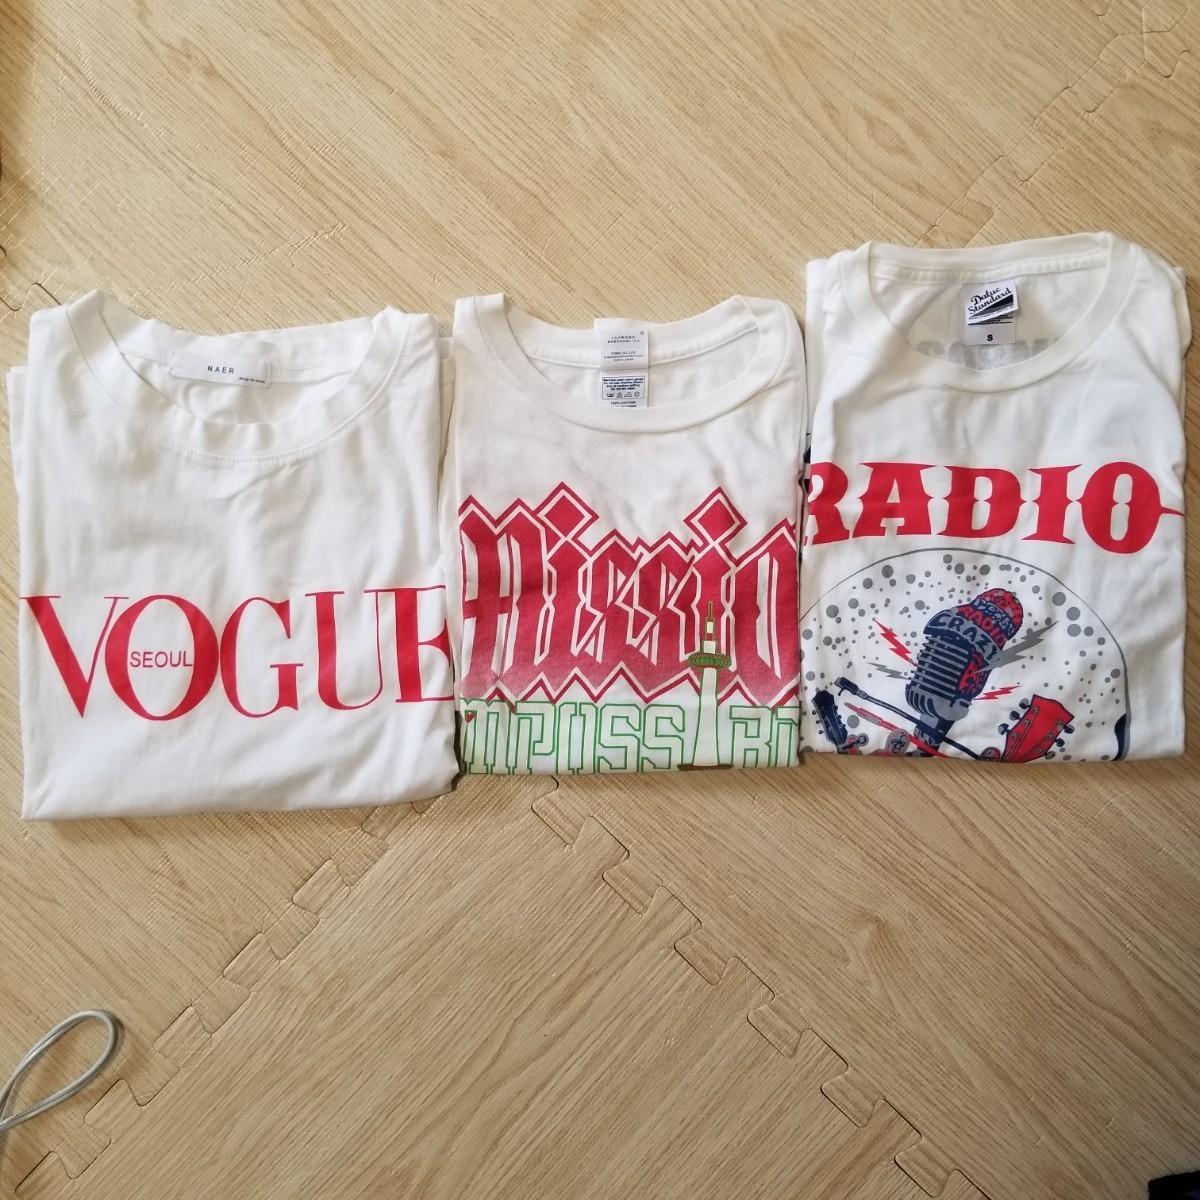 バンド Tシャツ たくさん フェス Tシャツ 夏フェス